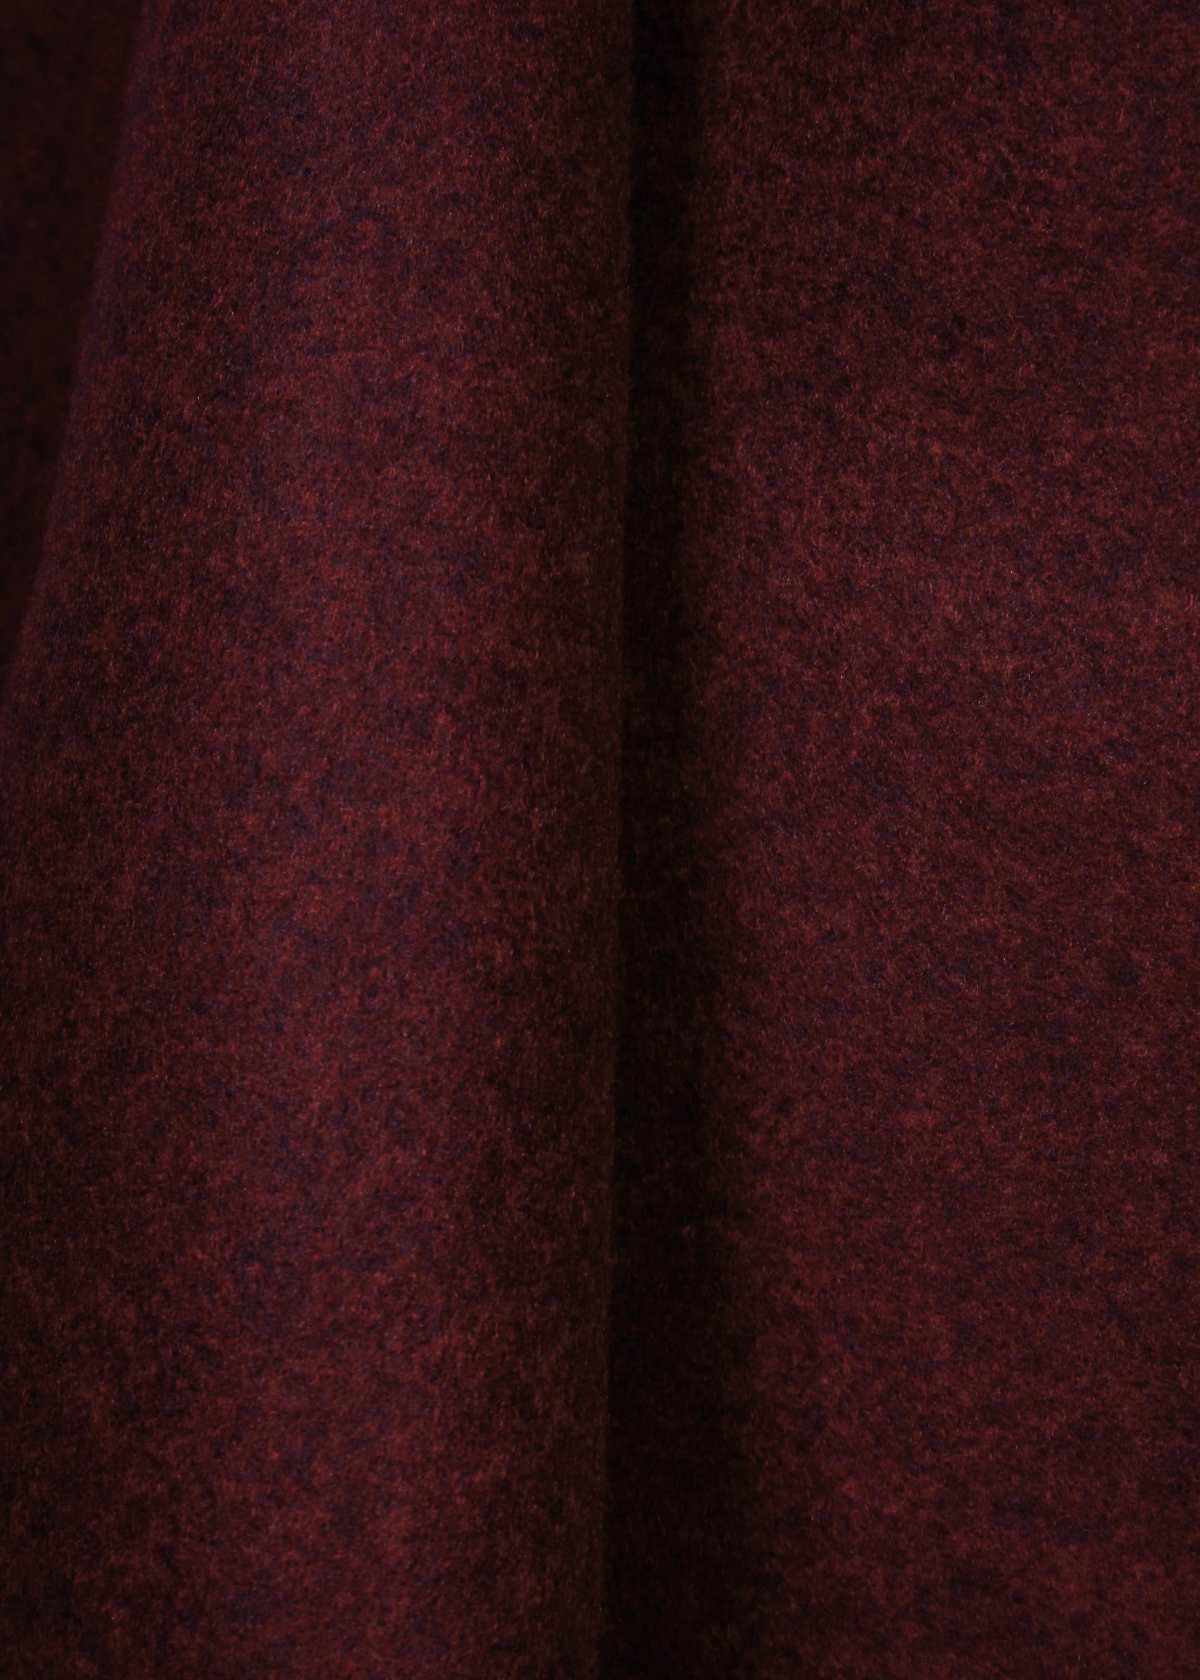 Flauš akryl vlna melange červený  FLW červmel    Galantéria PONČÍK ... 5bf55b90a54